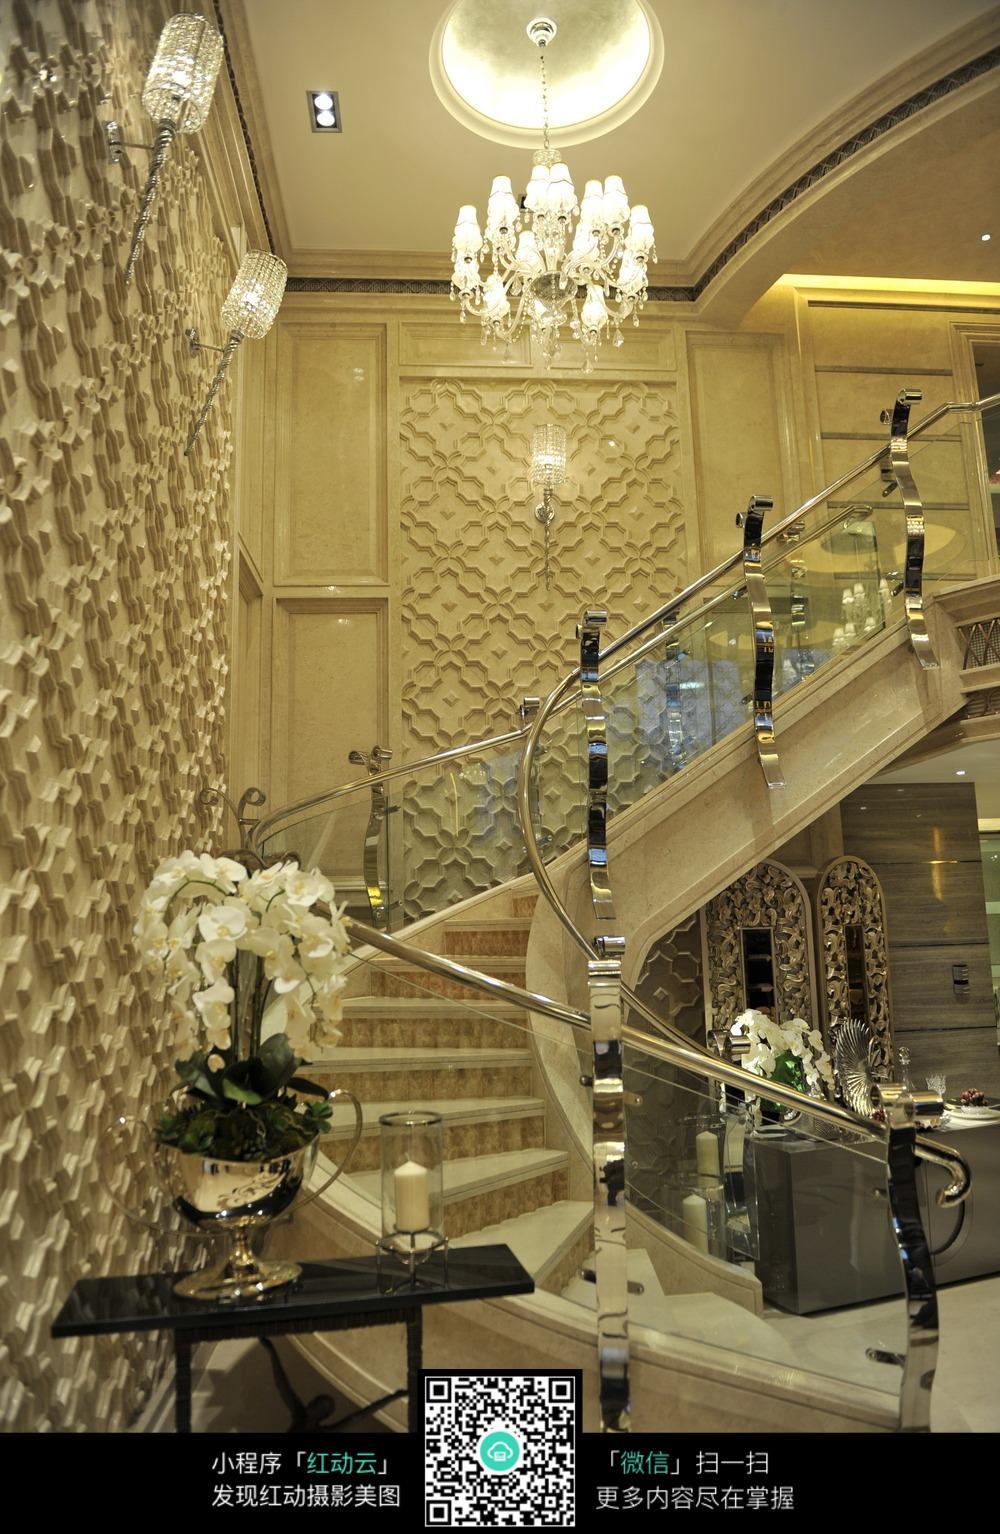 欧式豪华建筑隔断镂空旋转楼梯设计素材图片图片